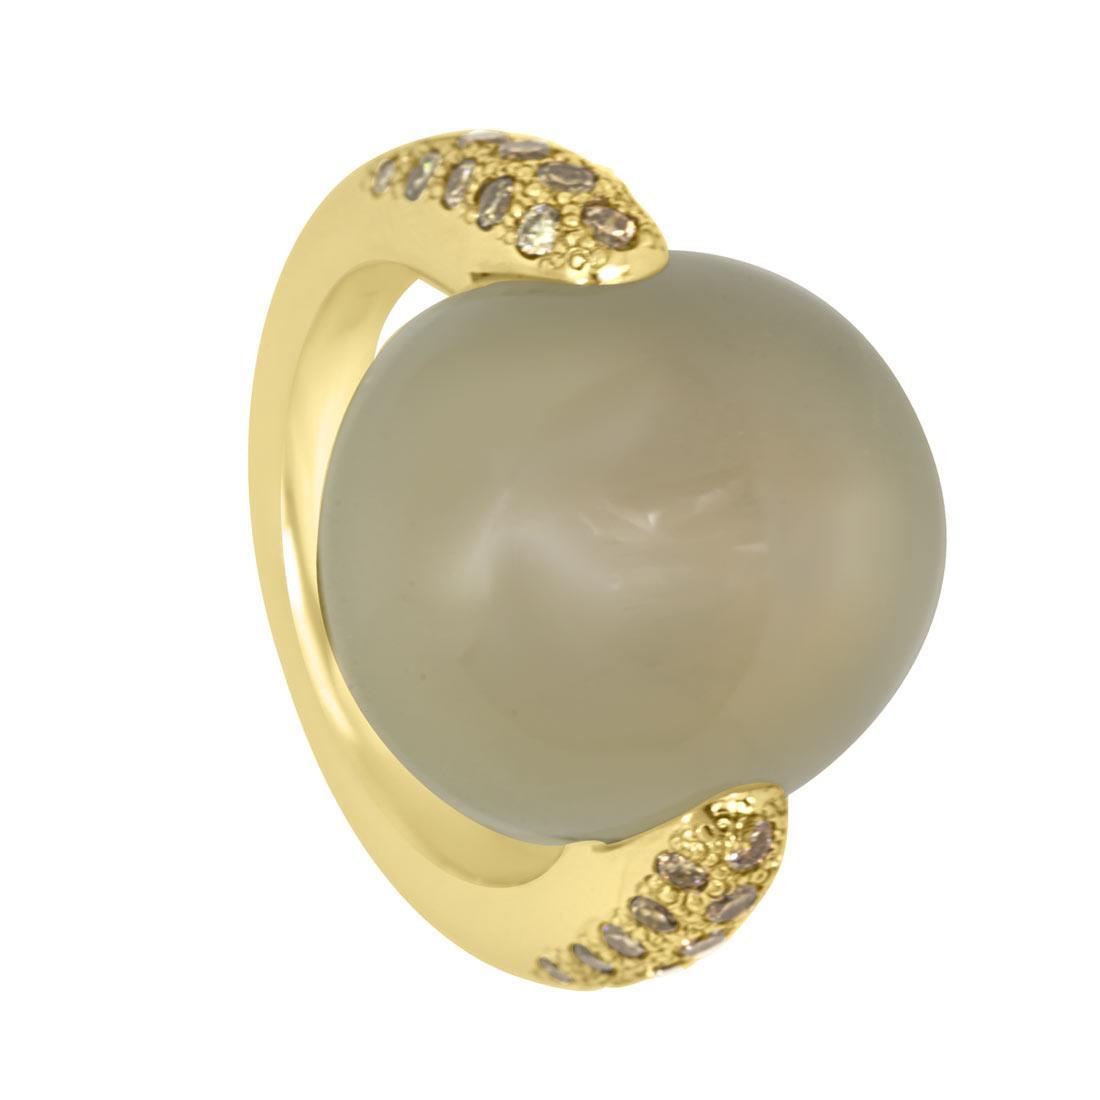 Anello in oro giallo con diamanti brown ct 0.66 e pietra di luna, misura 10 - POMELLATO